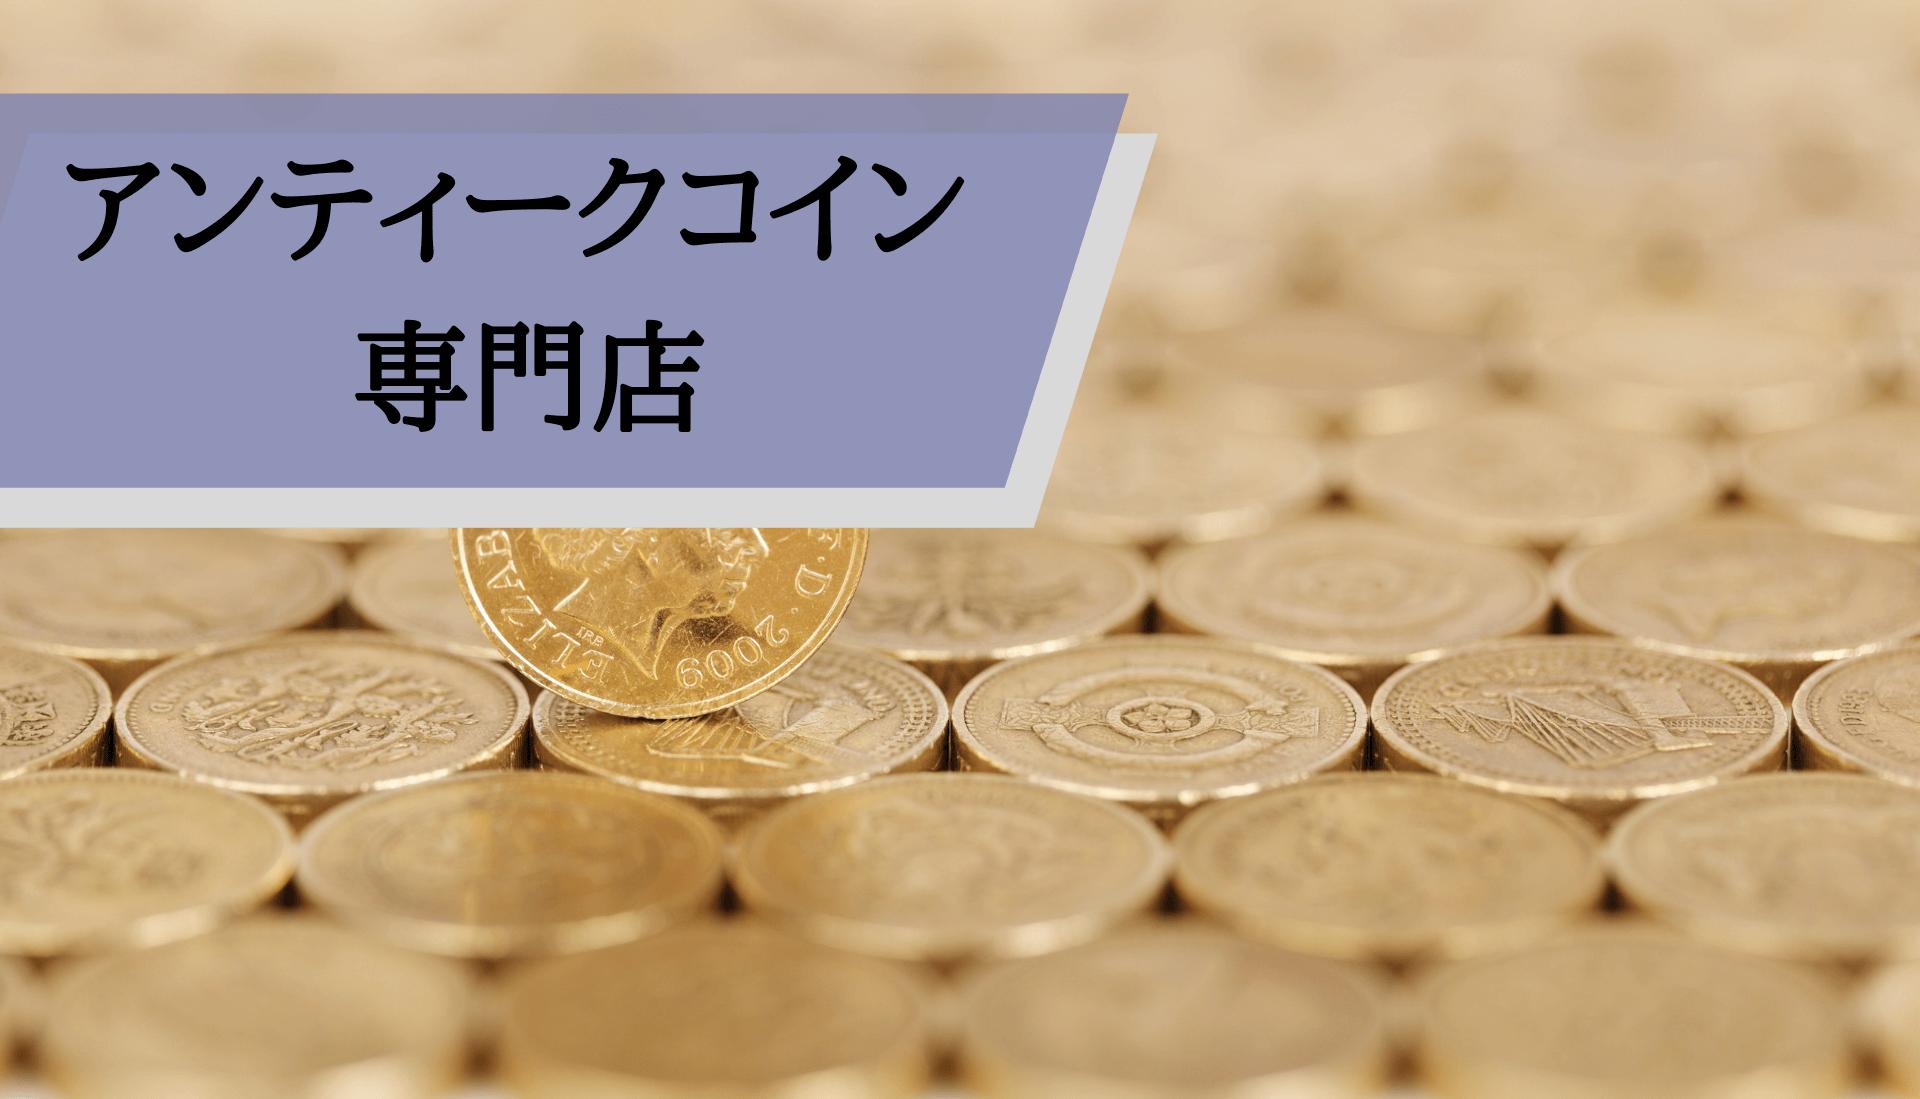 1アンティークコイン投資_専門店